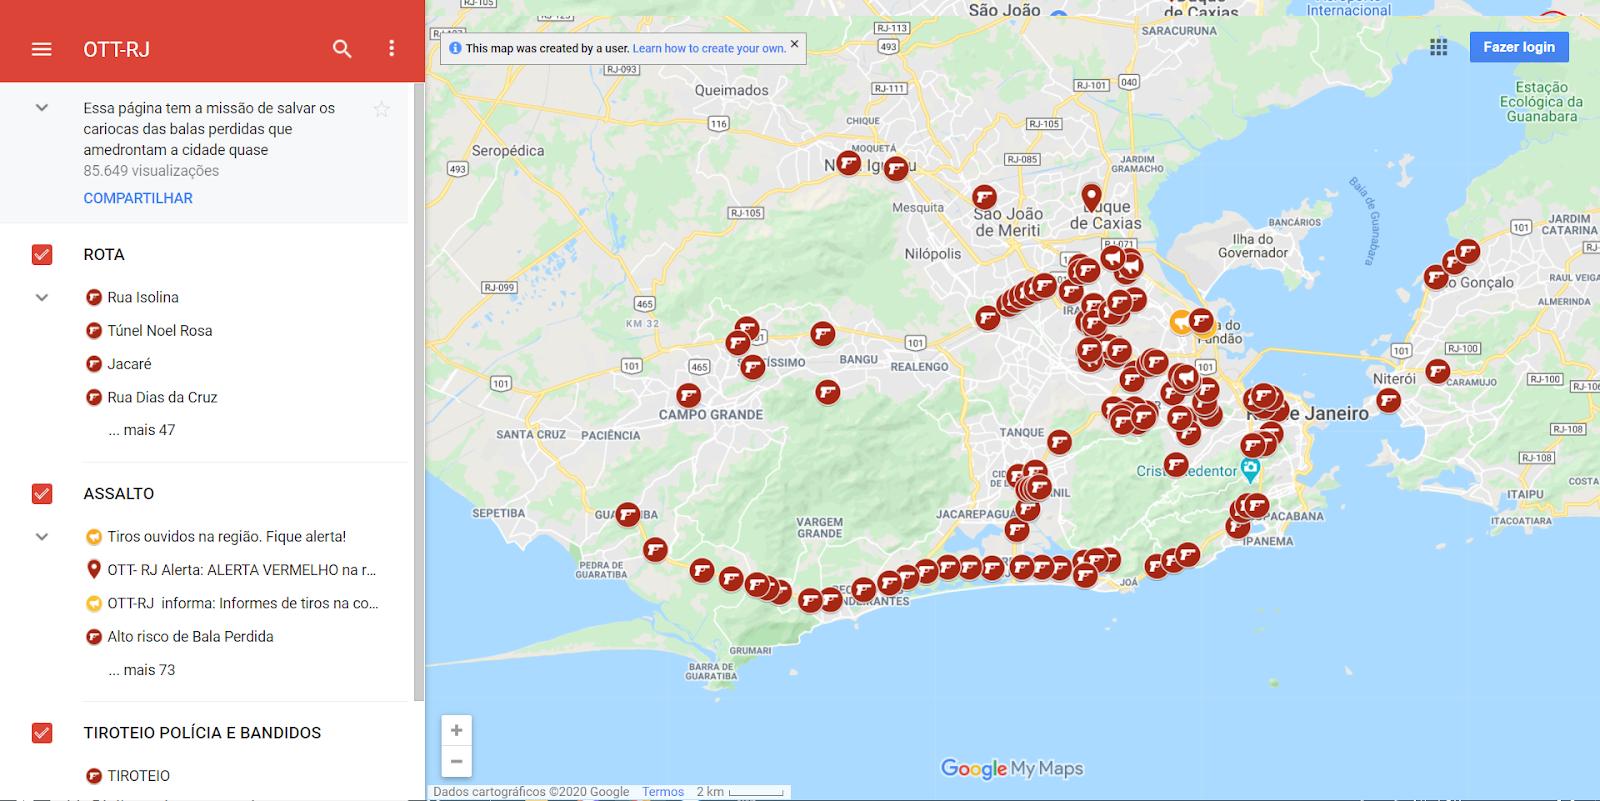 Plataformas mapeiam os disparo de tiros no Rio de Janeiro e em outras cidades brasileiras. (Fonte: Onde Tem Tiroteio)